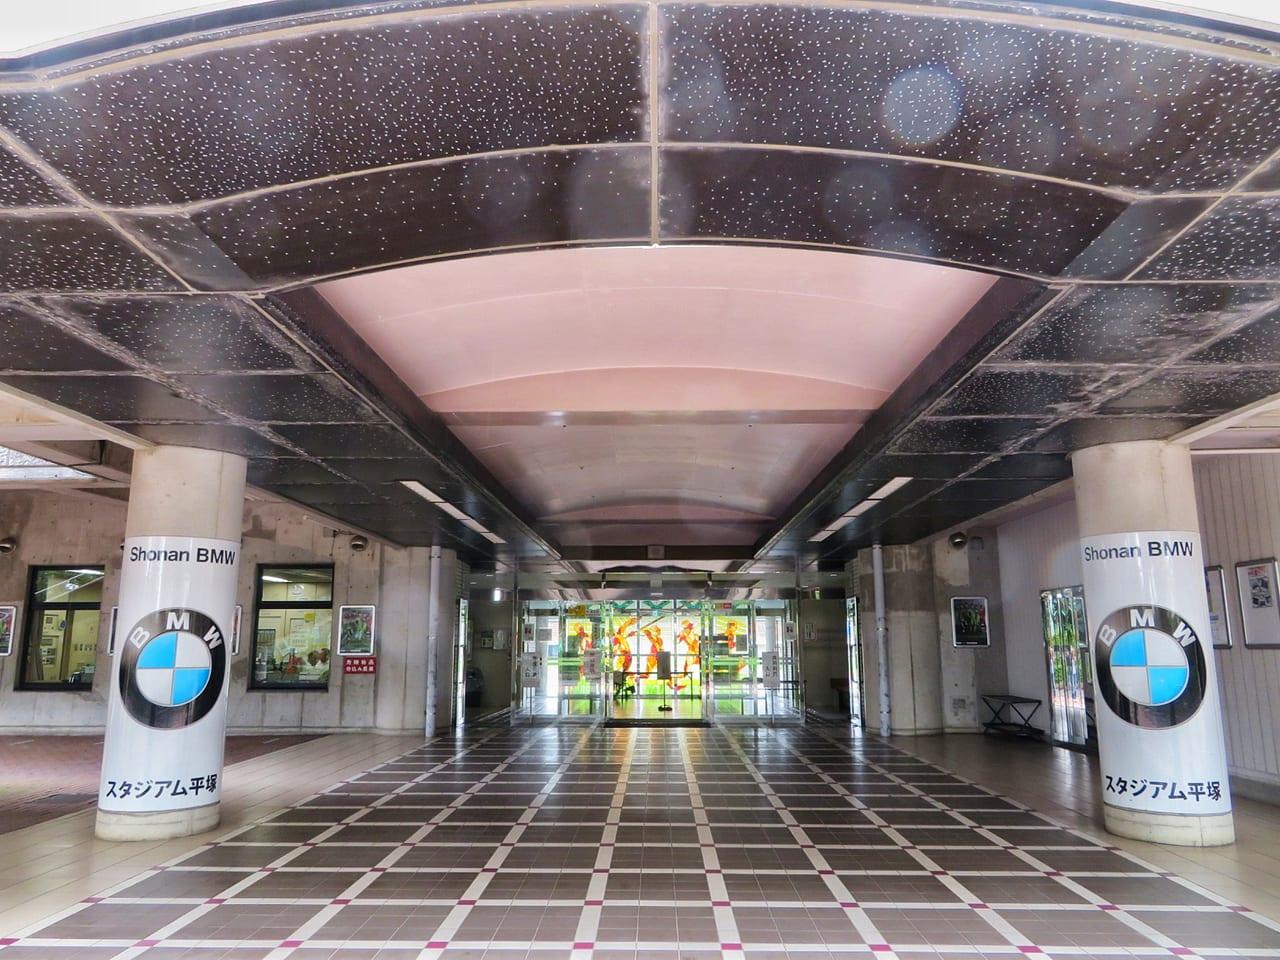 湘南ベルマーレのホームグラウンド「Shonan BMW スタジアム平塚」の名称が2021年2月1日から変更。現在、新ネーミングライツパートナーを募集中!